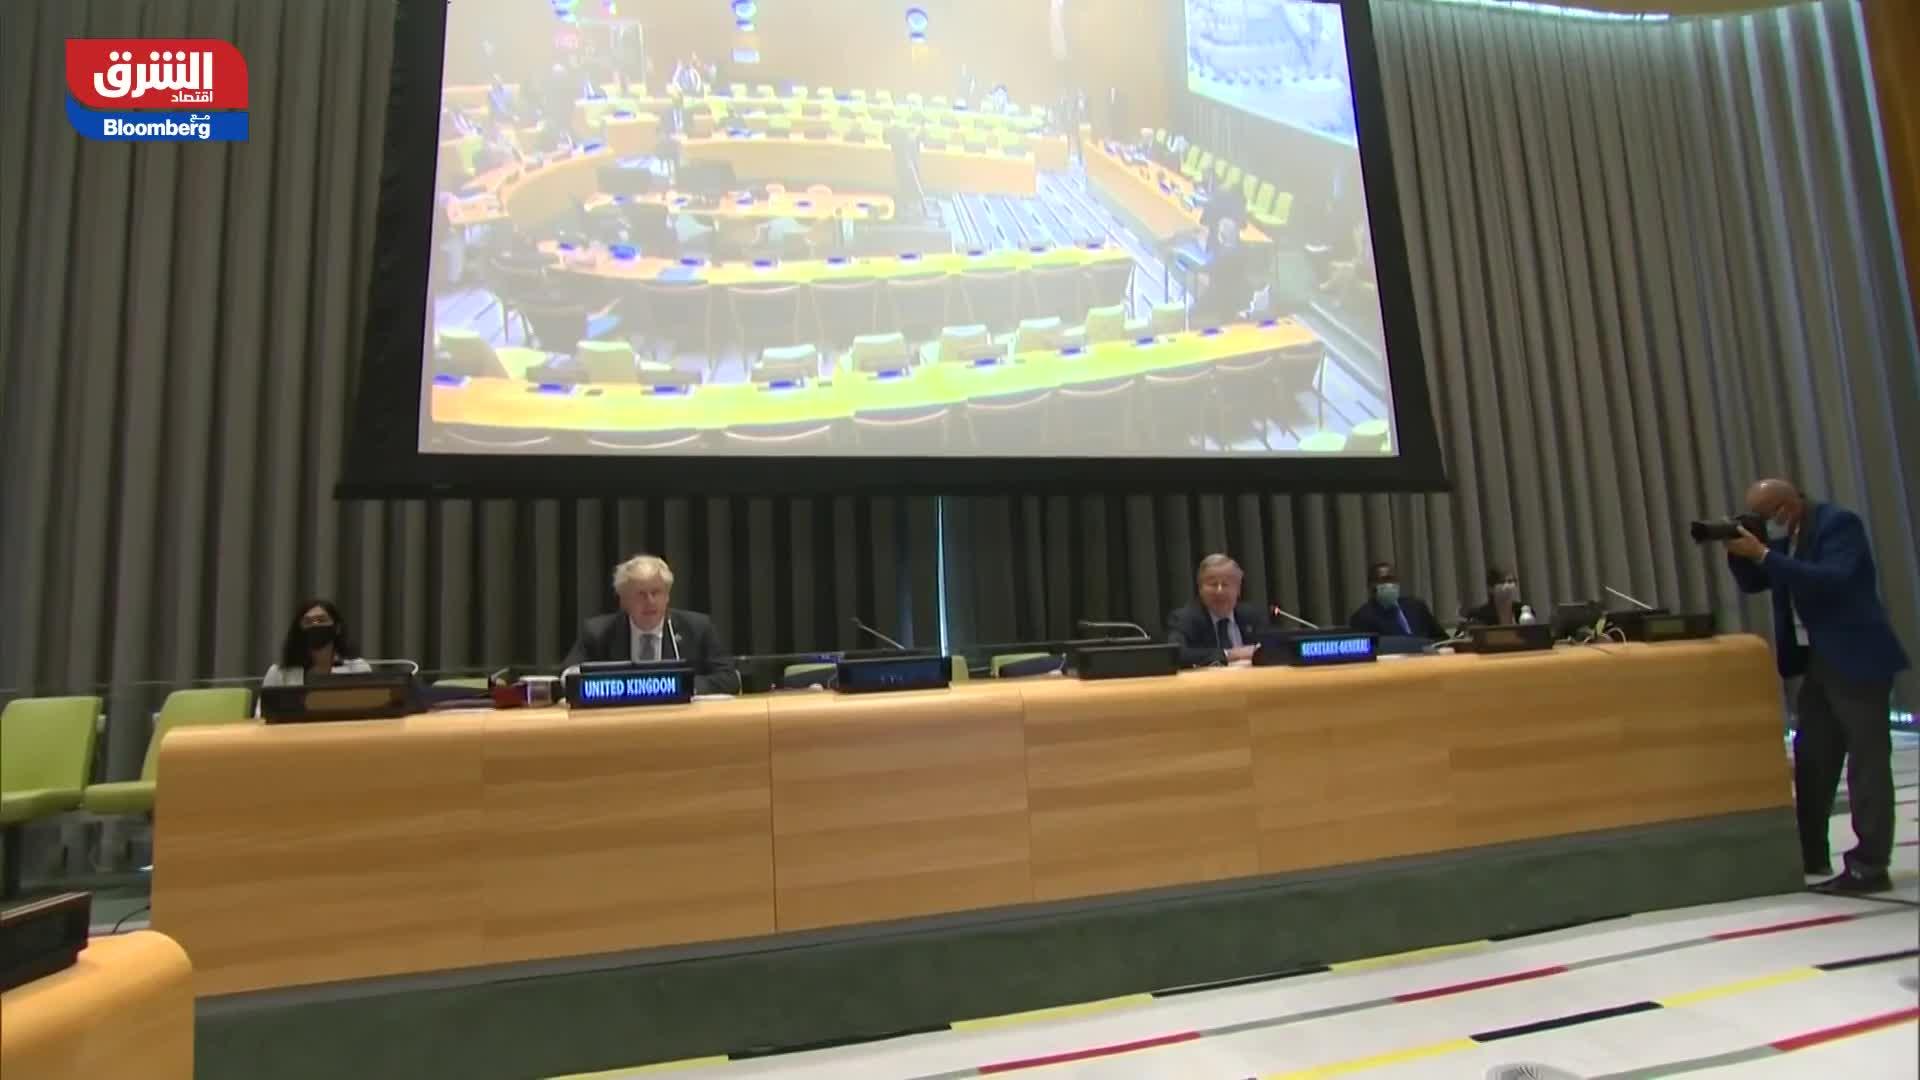 أميركا.. انعقاد جمعية الأمم المتحدة حضورياً لأول مرة منذ الجائحة